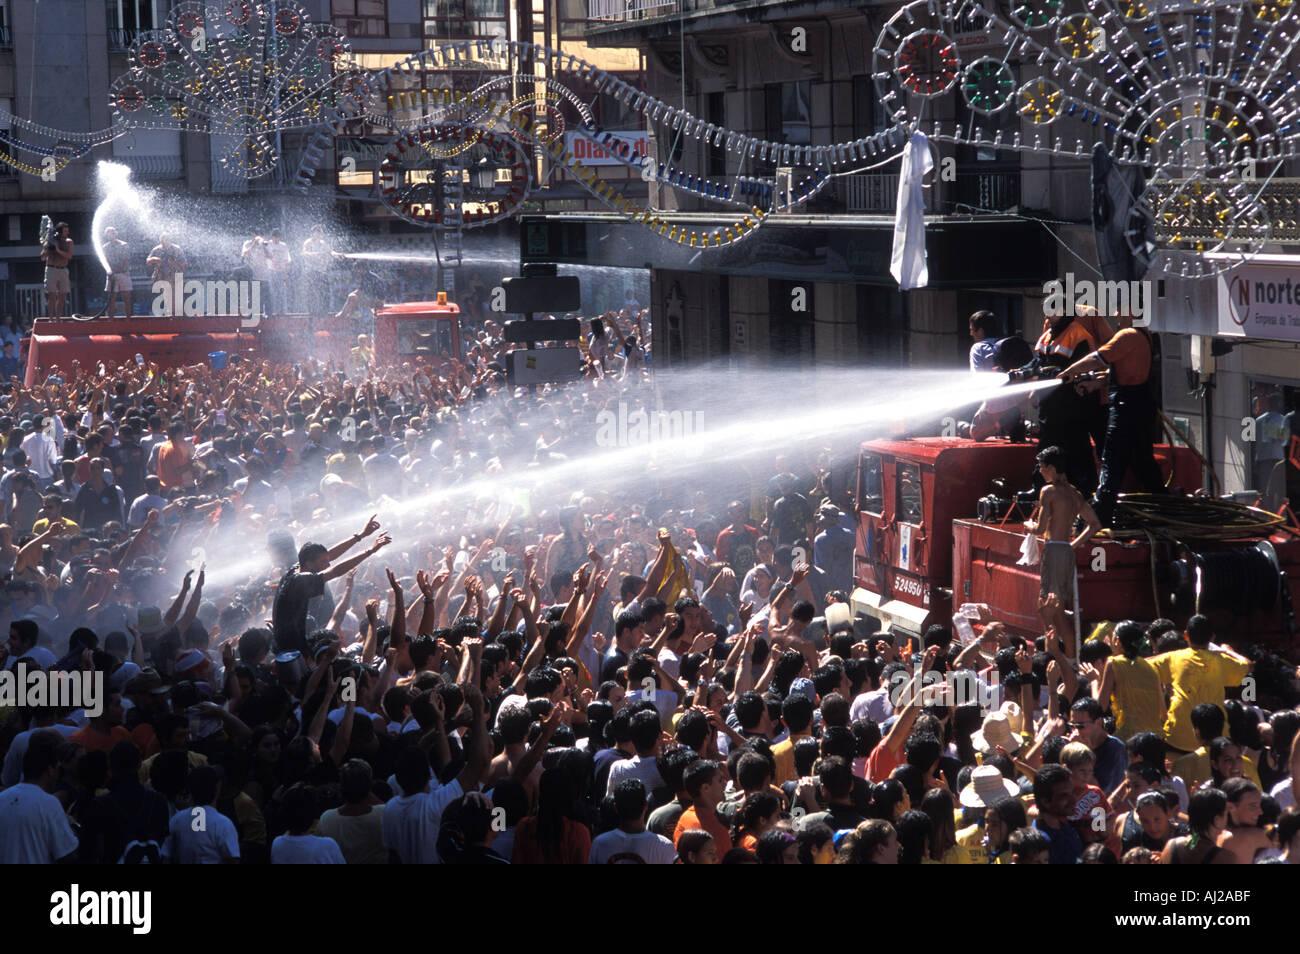 Annual Fiesta del Agua at Vilagarcia de Arousa in Galicia Spain - Stock Image